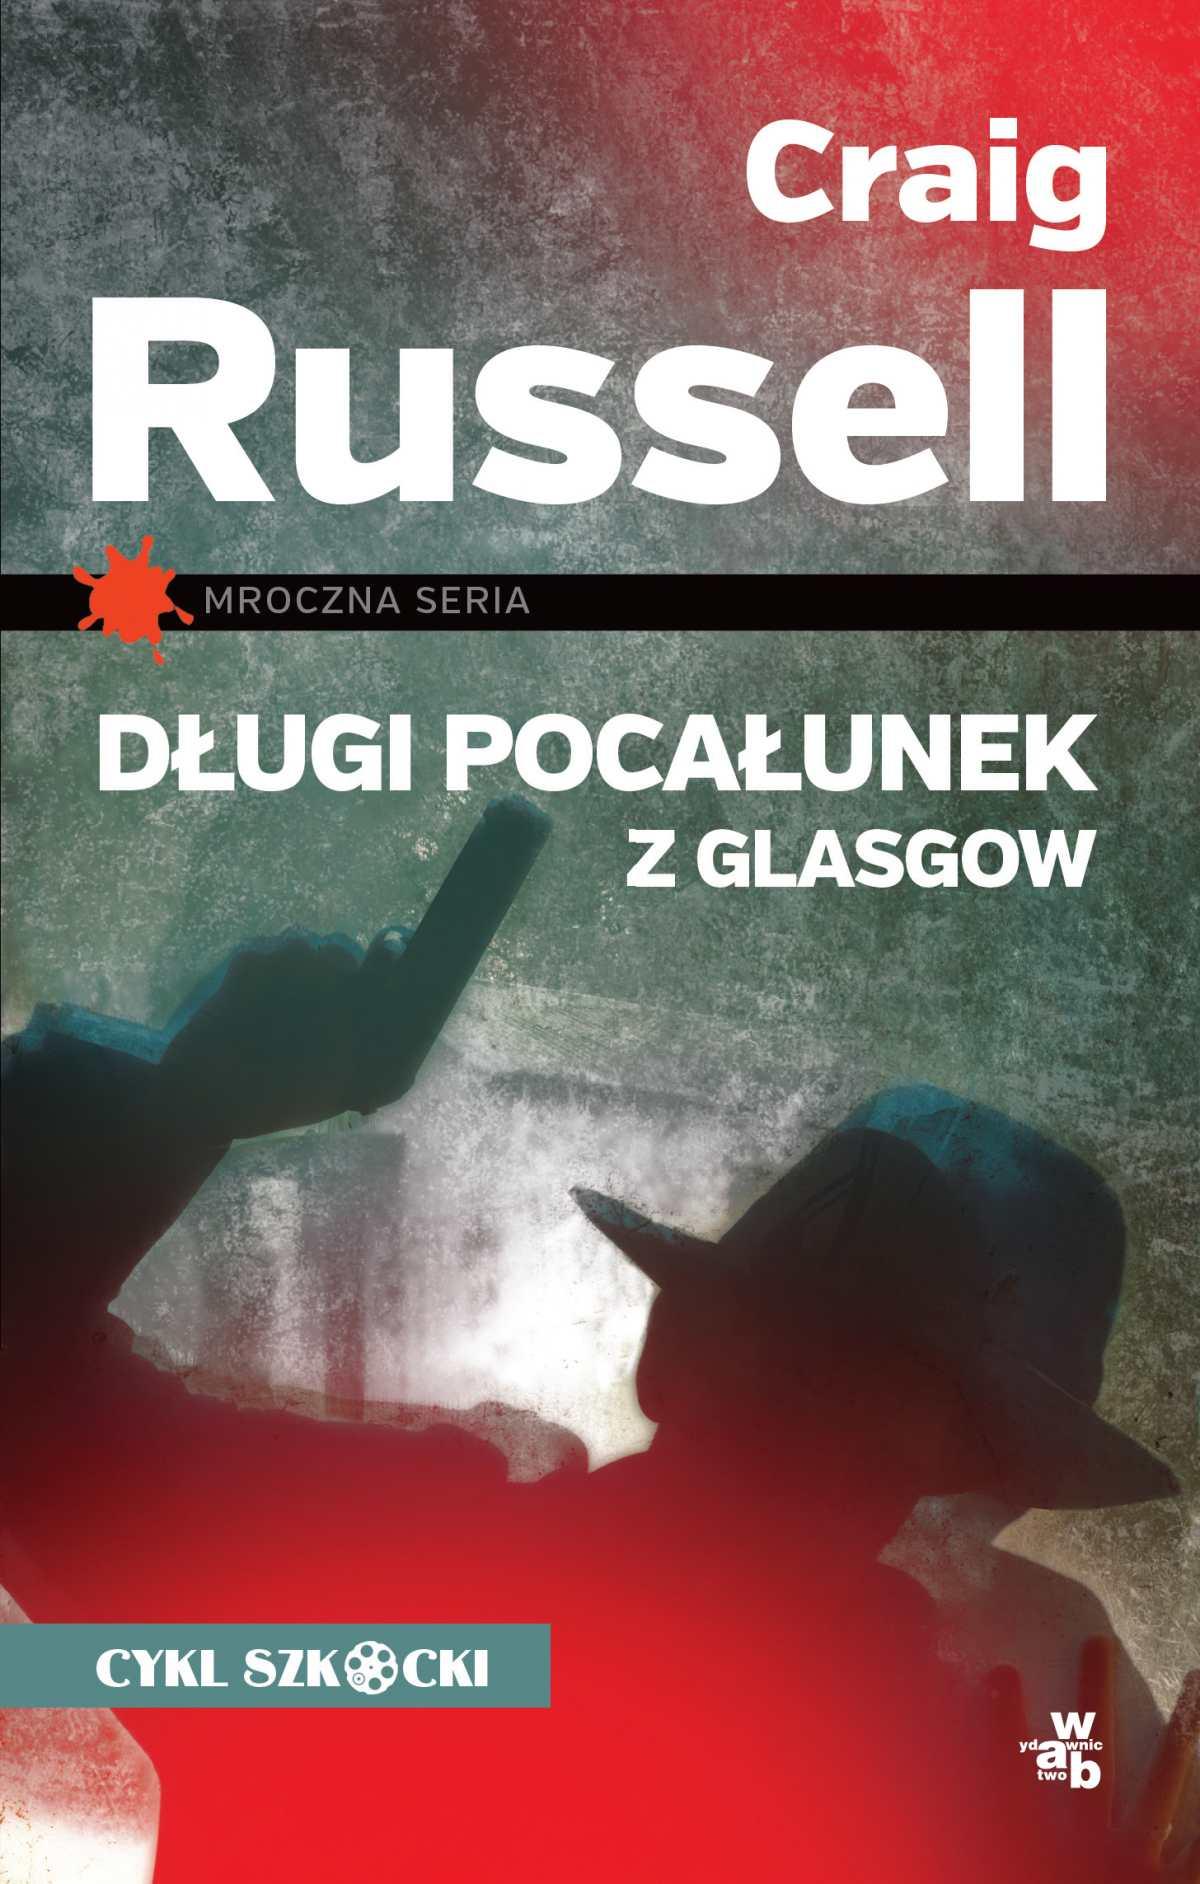 Długi pocałunek z Glasgow - Ebook (Książka na Kindle) do pobrania w formacie MOBI